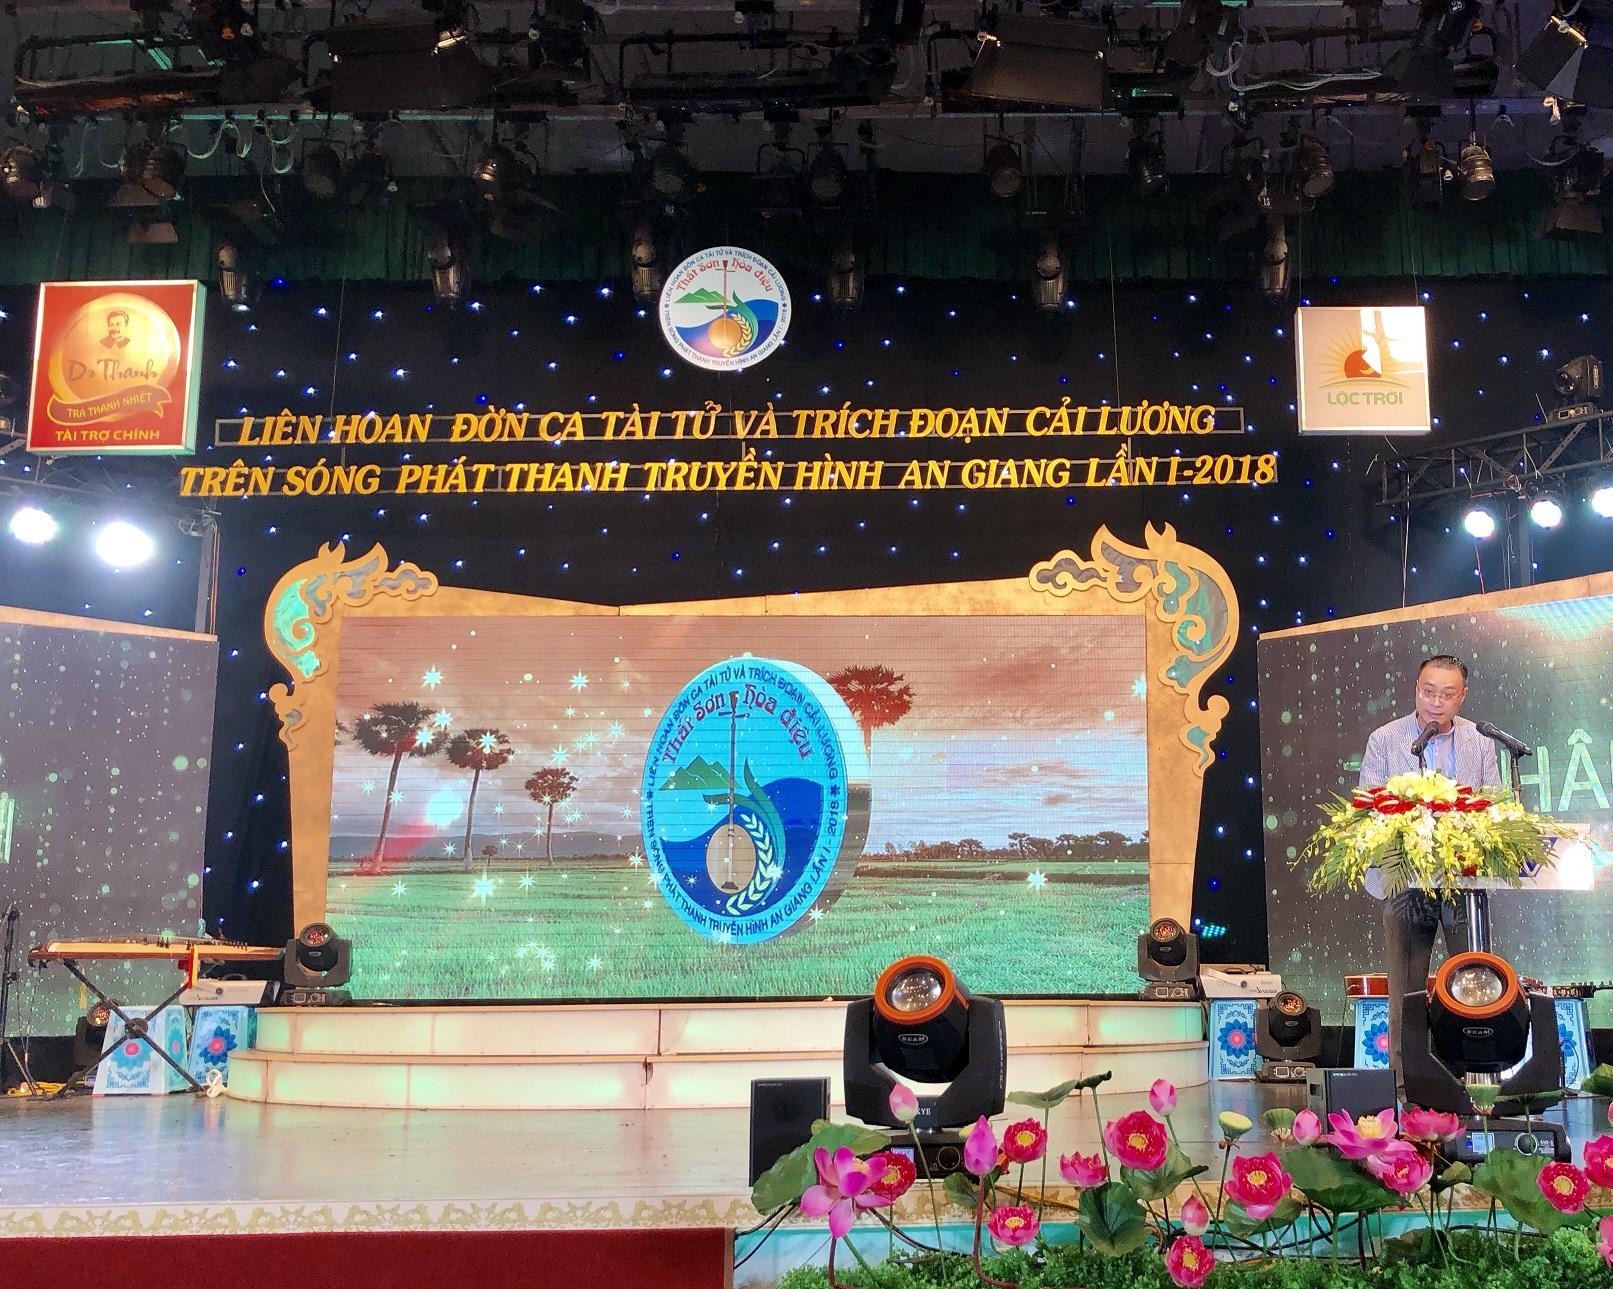 Theo ông Lê Nguyễn Đức Khôi, Trưởng phòng Quan hệ Công chúng